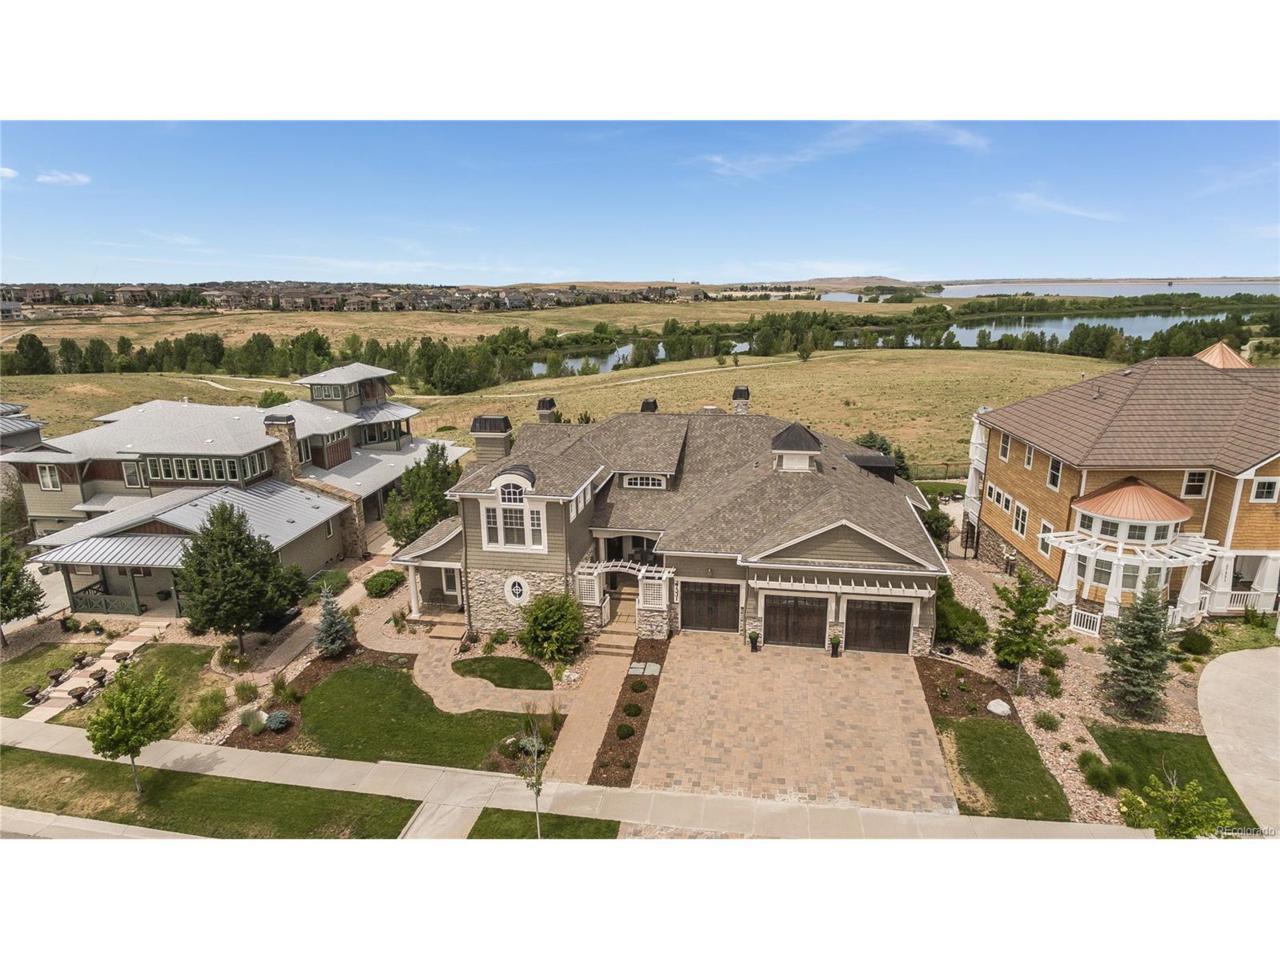 27331 E Lakeview Drive, Aurora, CO 80016 (MLS #7486133) :: 8z Real Estate